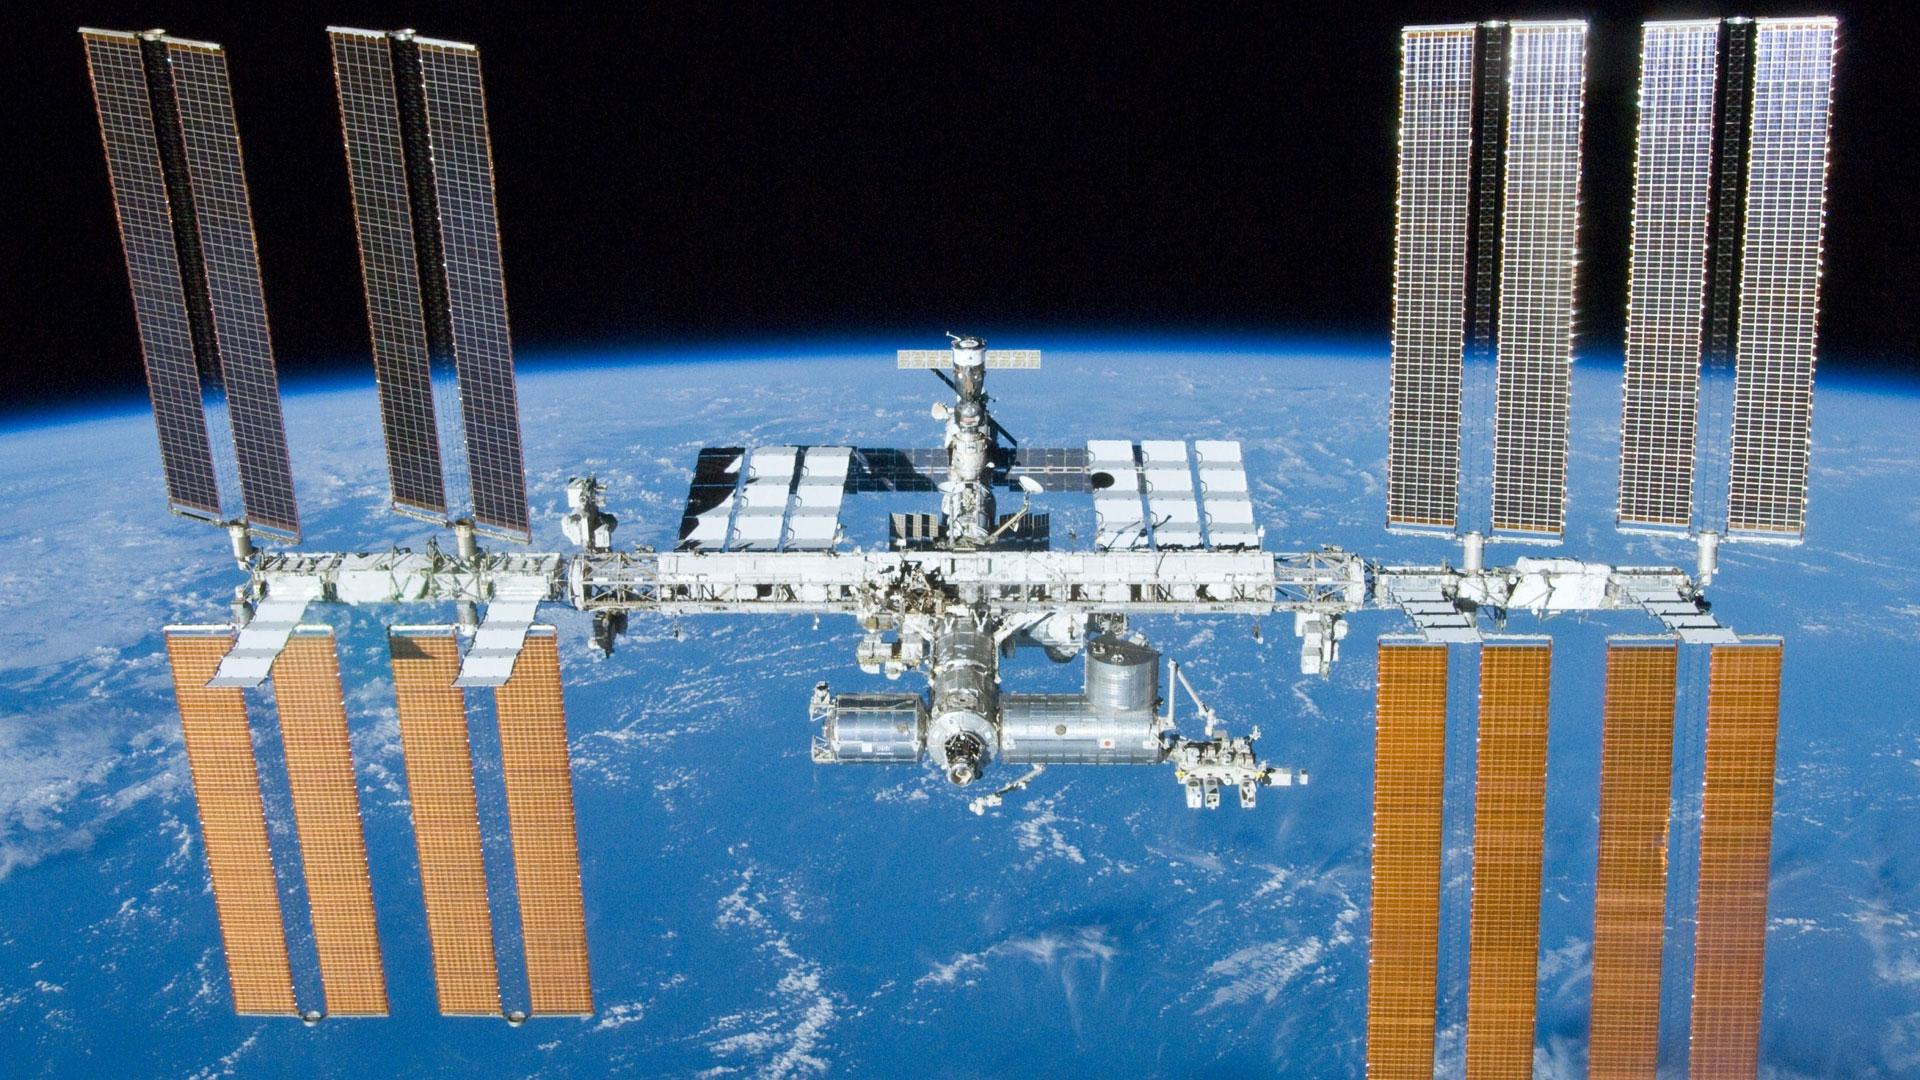 La EEI, un proyecto de más de 150.000 millones de dólares (139.907 millones de euros) en el que participan 16 naciones, actualmente está integrada por 14 módulos permanentes y orbita a una velocidad de más de 27.000 kilómetros por hora a una distancia de 400 kilómetros de la Tierra